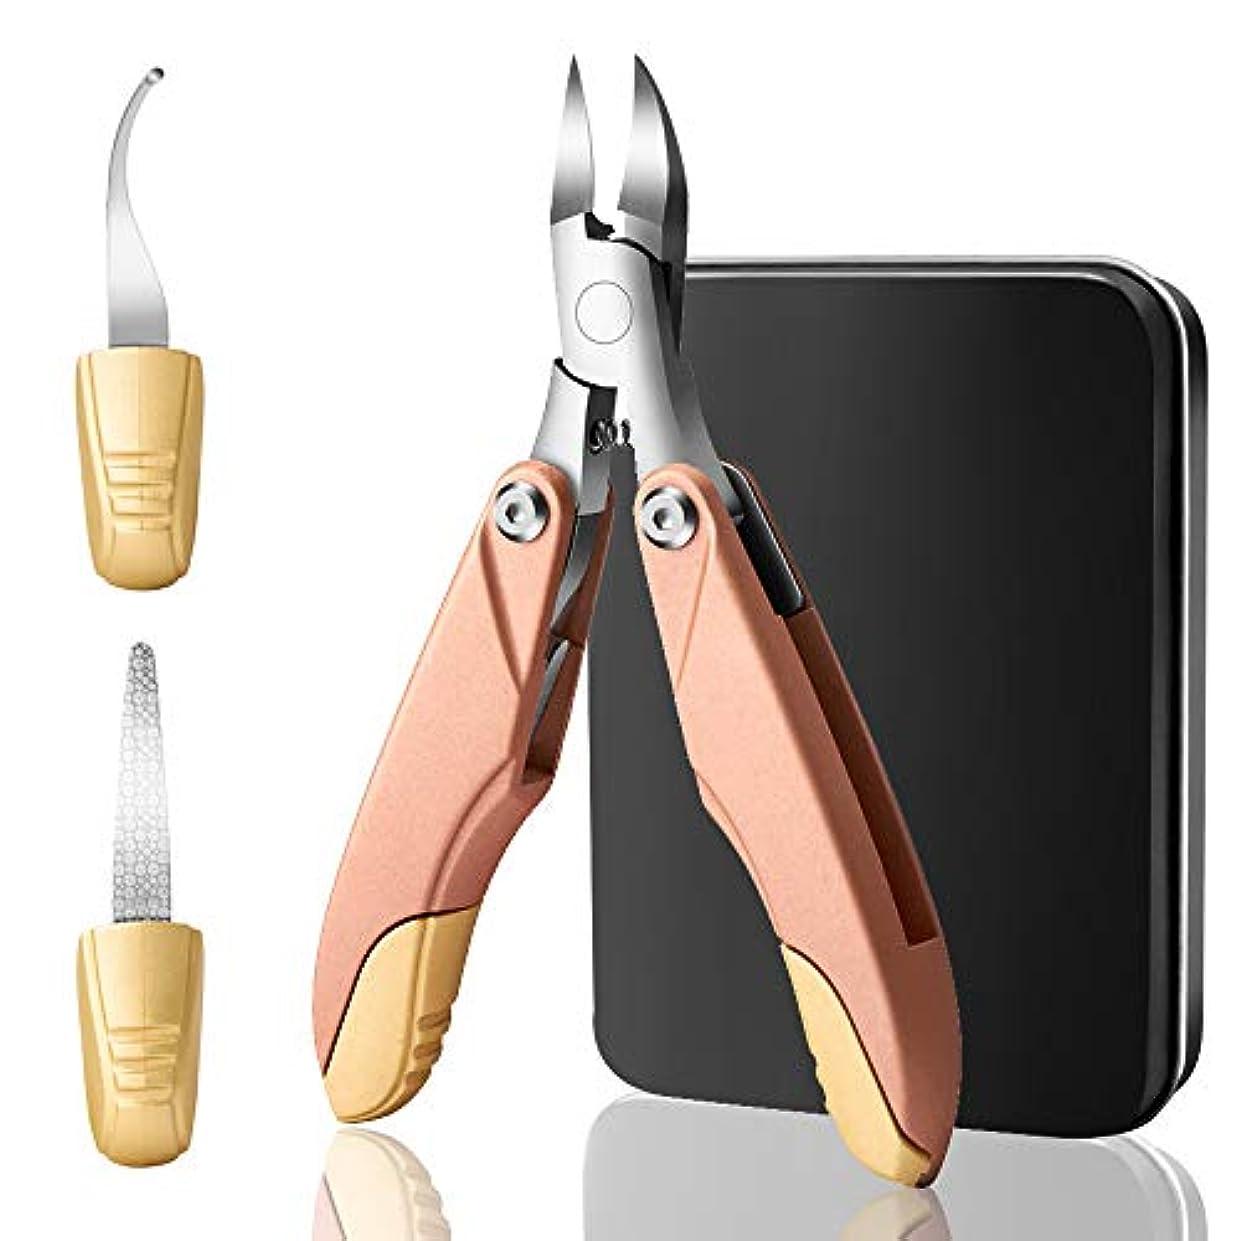 マイクロフォン白い突破口YunTech 爪切り3in1 ニッパー爪切り ステンレス製 折り畳み式 巻き爪 硬い爪などにも対応 ゾンデ/爪やすり付き 手足兼用 収納ケース付き (ローズゴールド)